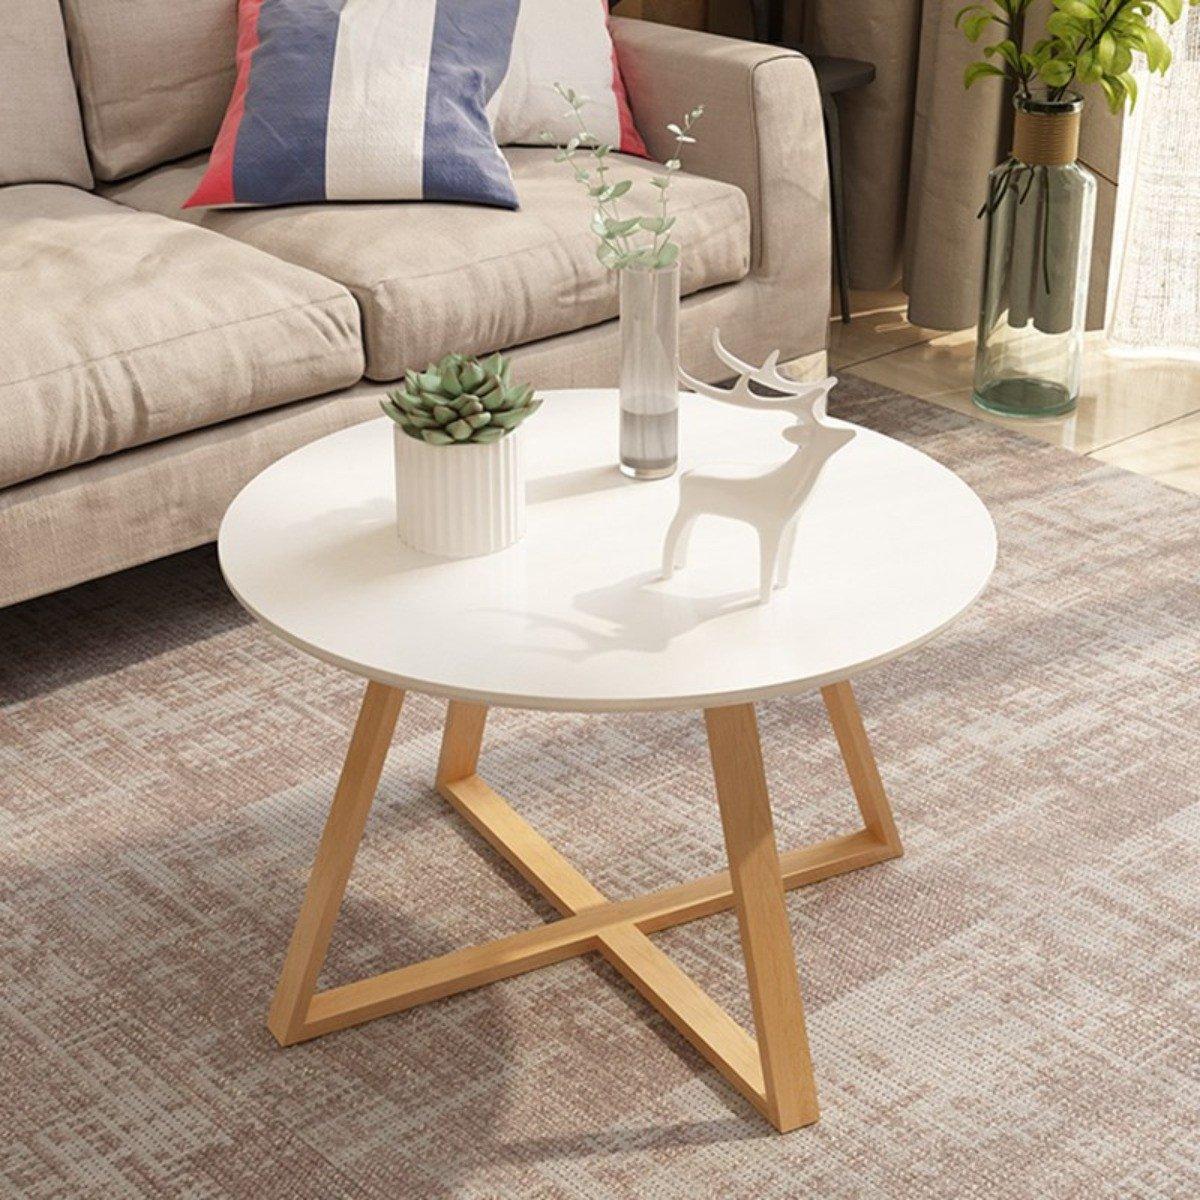 Mẫu bàn sofa sơn trắng xinh xắn